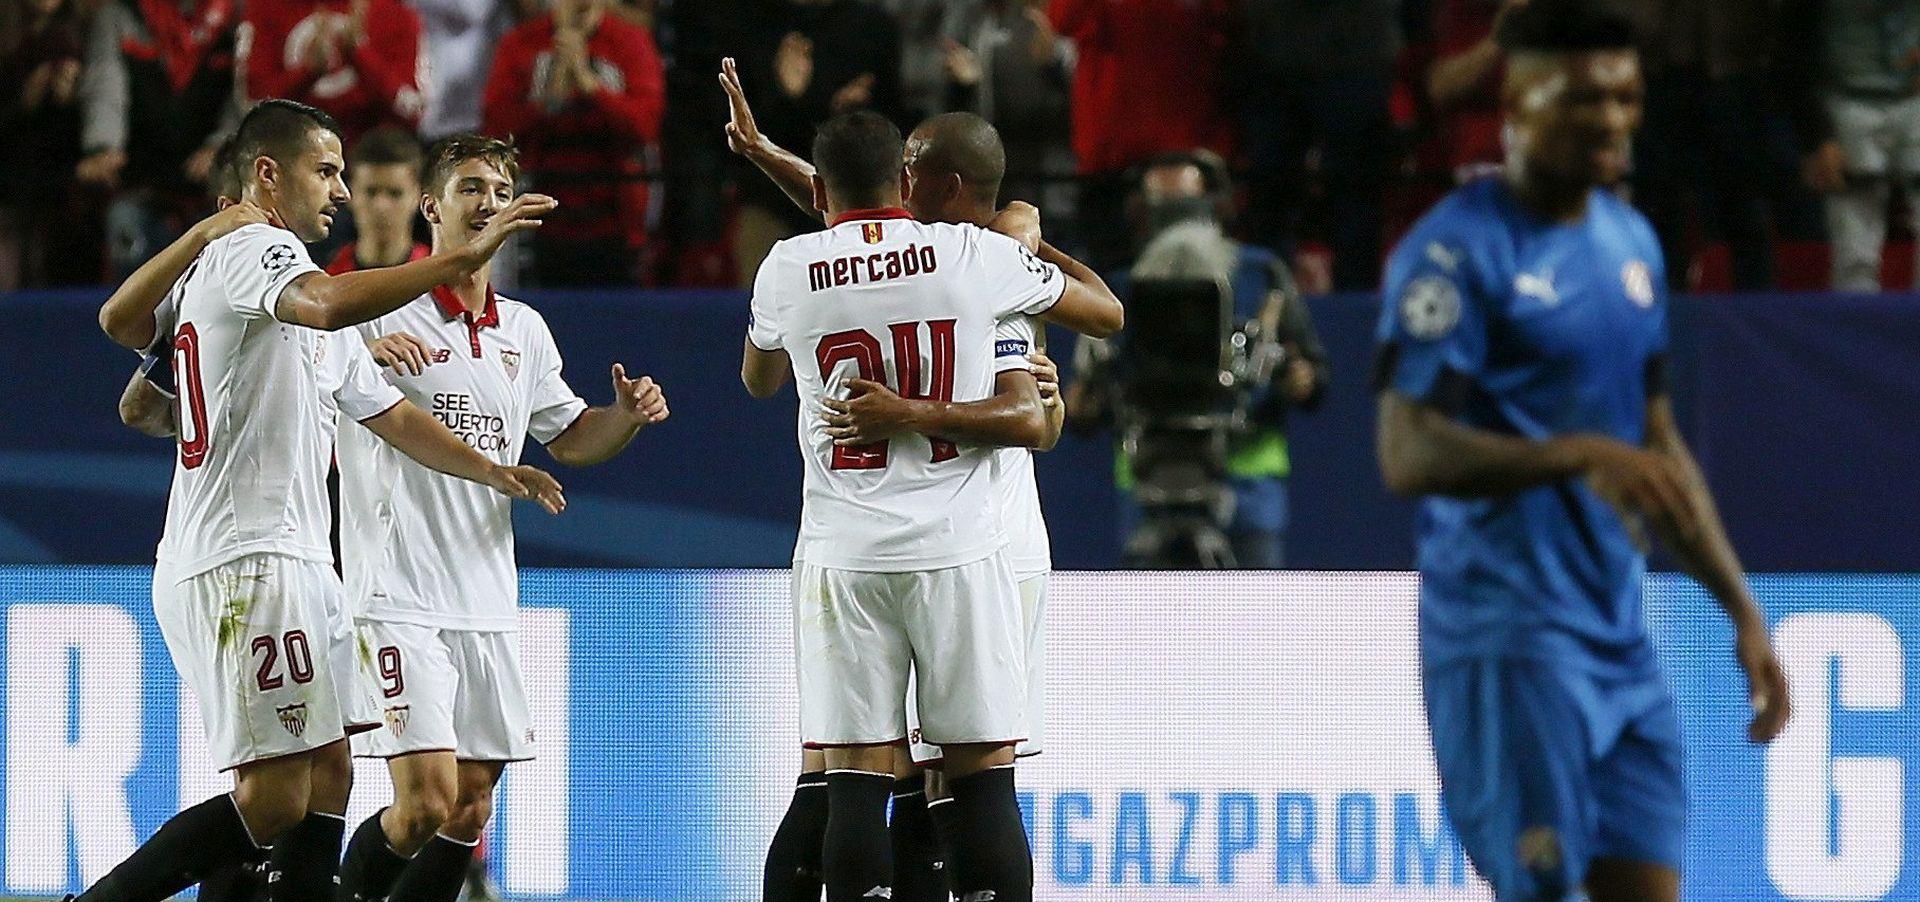 GOL RAZLIKA 0:12 Dinamo potopljen u Sevilli, Stojanović pocrvenio, Sevilla pucala čak 31 put na vrata Livakovića